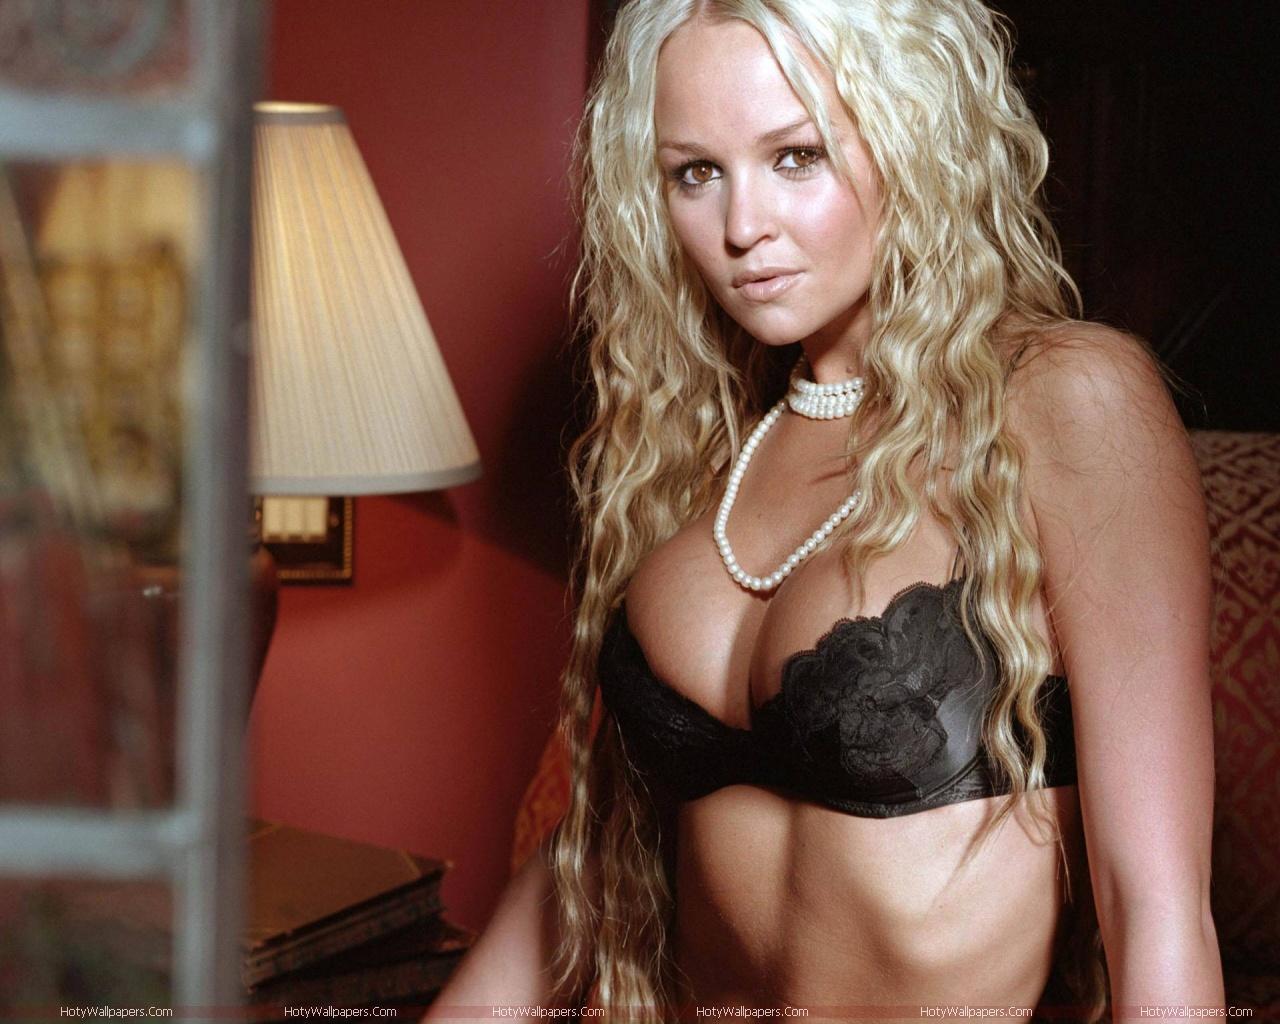 http://2.bp.blogspot.com/-MshWmlLW2z8/Tmd6cwhFwSI/AAAAAAAAKiA/jAU6Y-U8tKs/s1600/actress-Jennifer_Ellison_glam-wallpaper.jpg